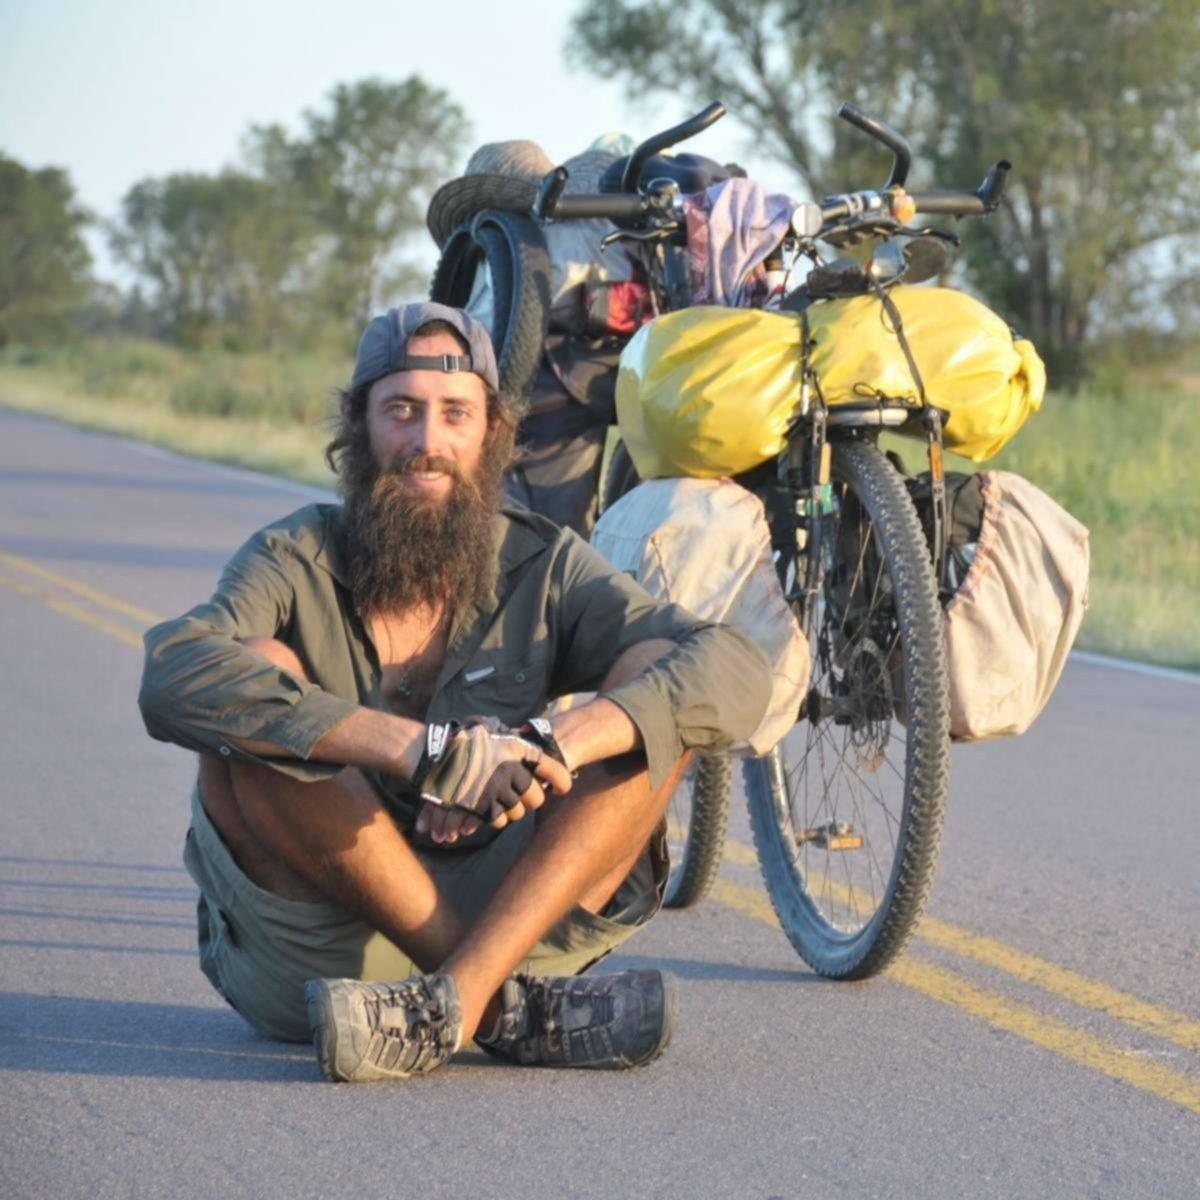 """Conocé la historia del """"crotamundo"""" radicado en La Pampa que hizo 11.700 km desde Nicaragua hasta Santa Rosa en bicicleta"""